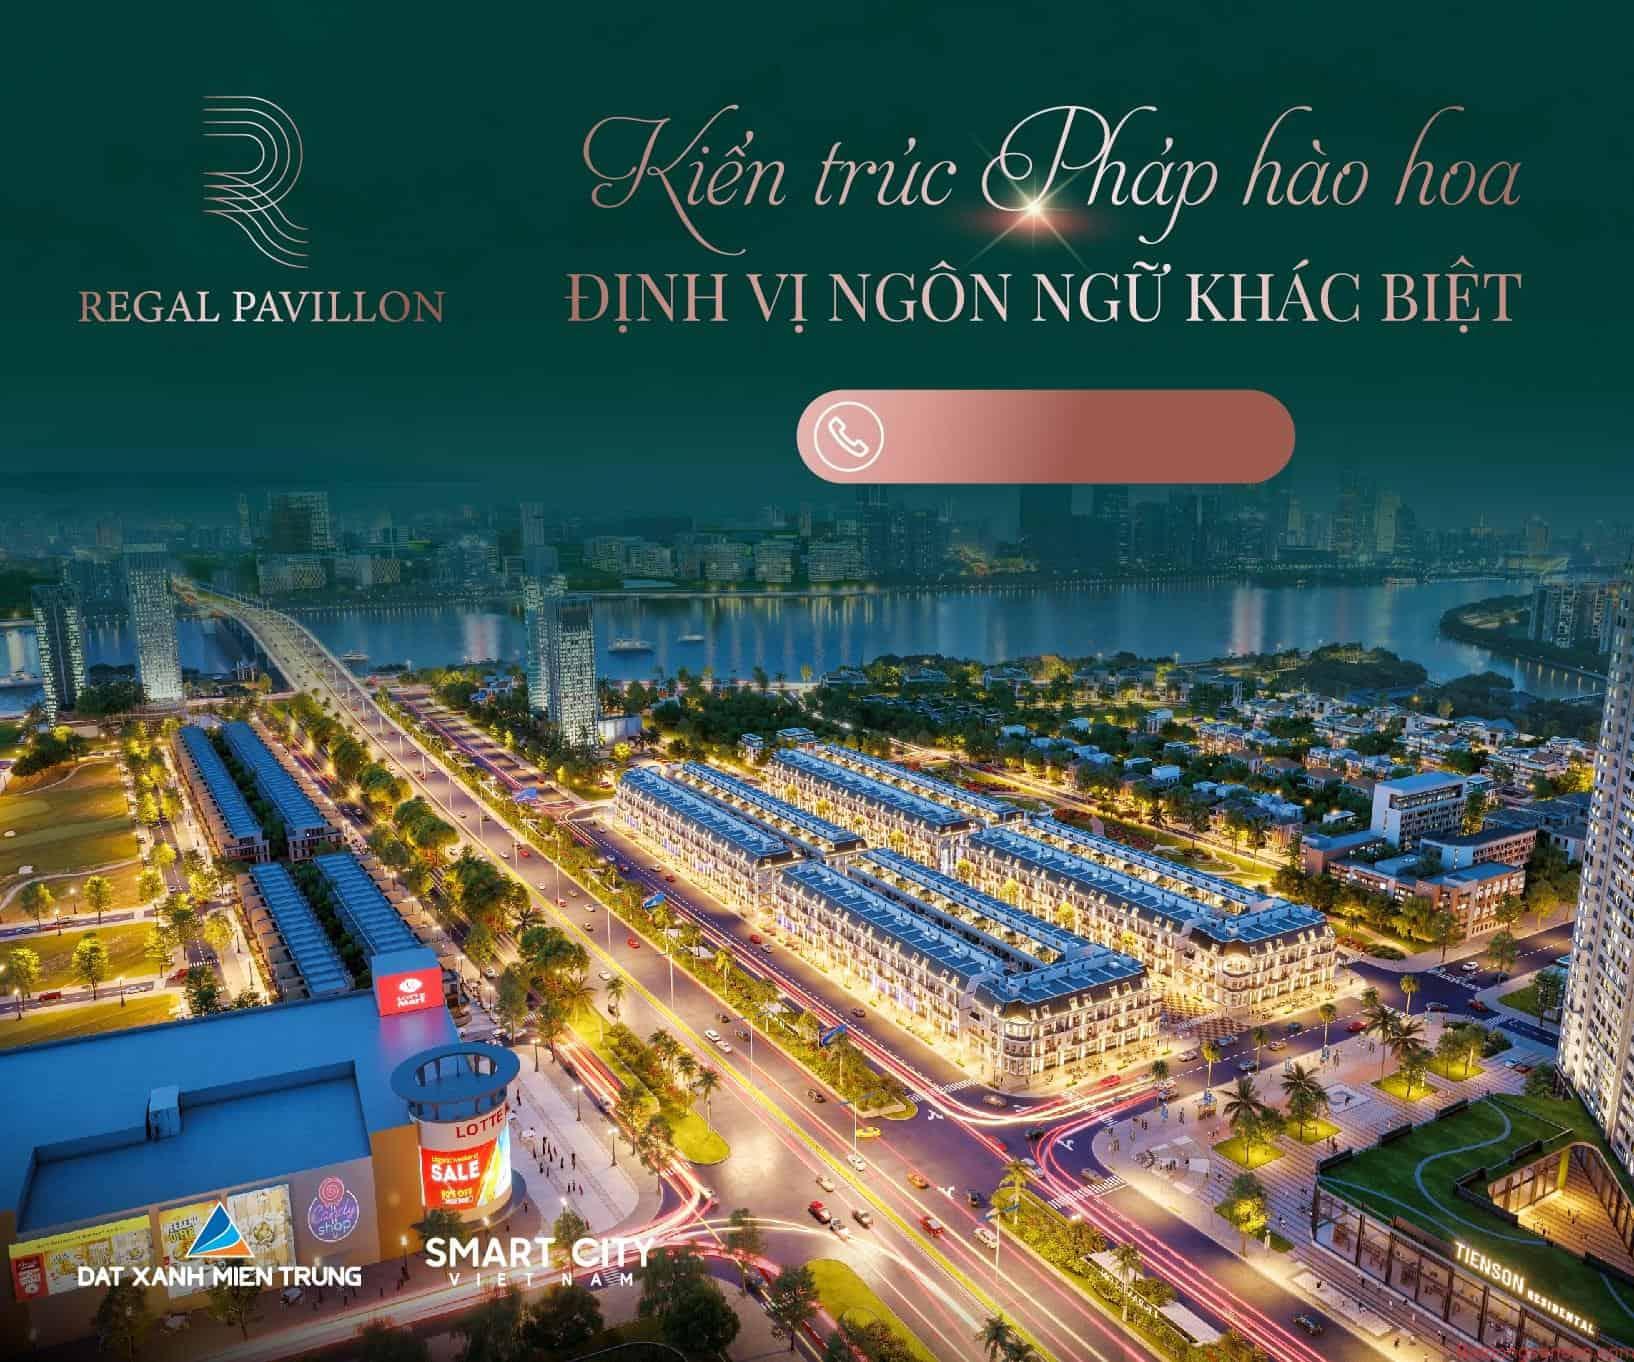 Phố đi bộ 5 sao Regal Pavillon – mảnh ghép còn thiếu của du lịch Đà Nẵng